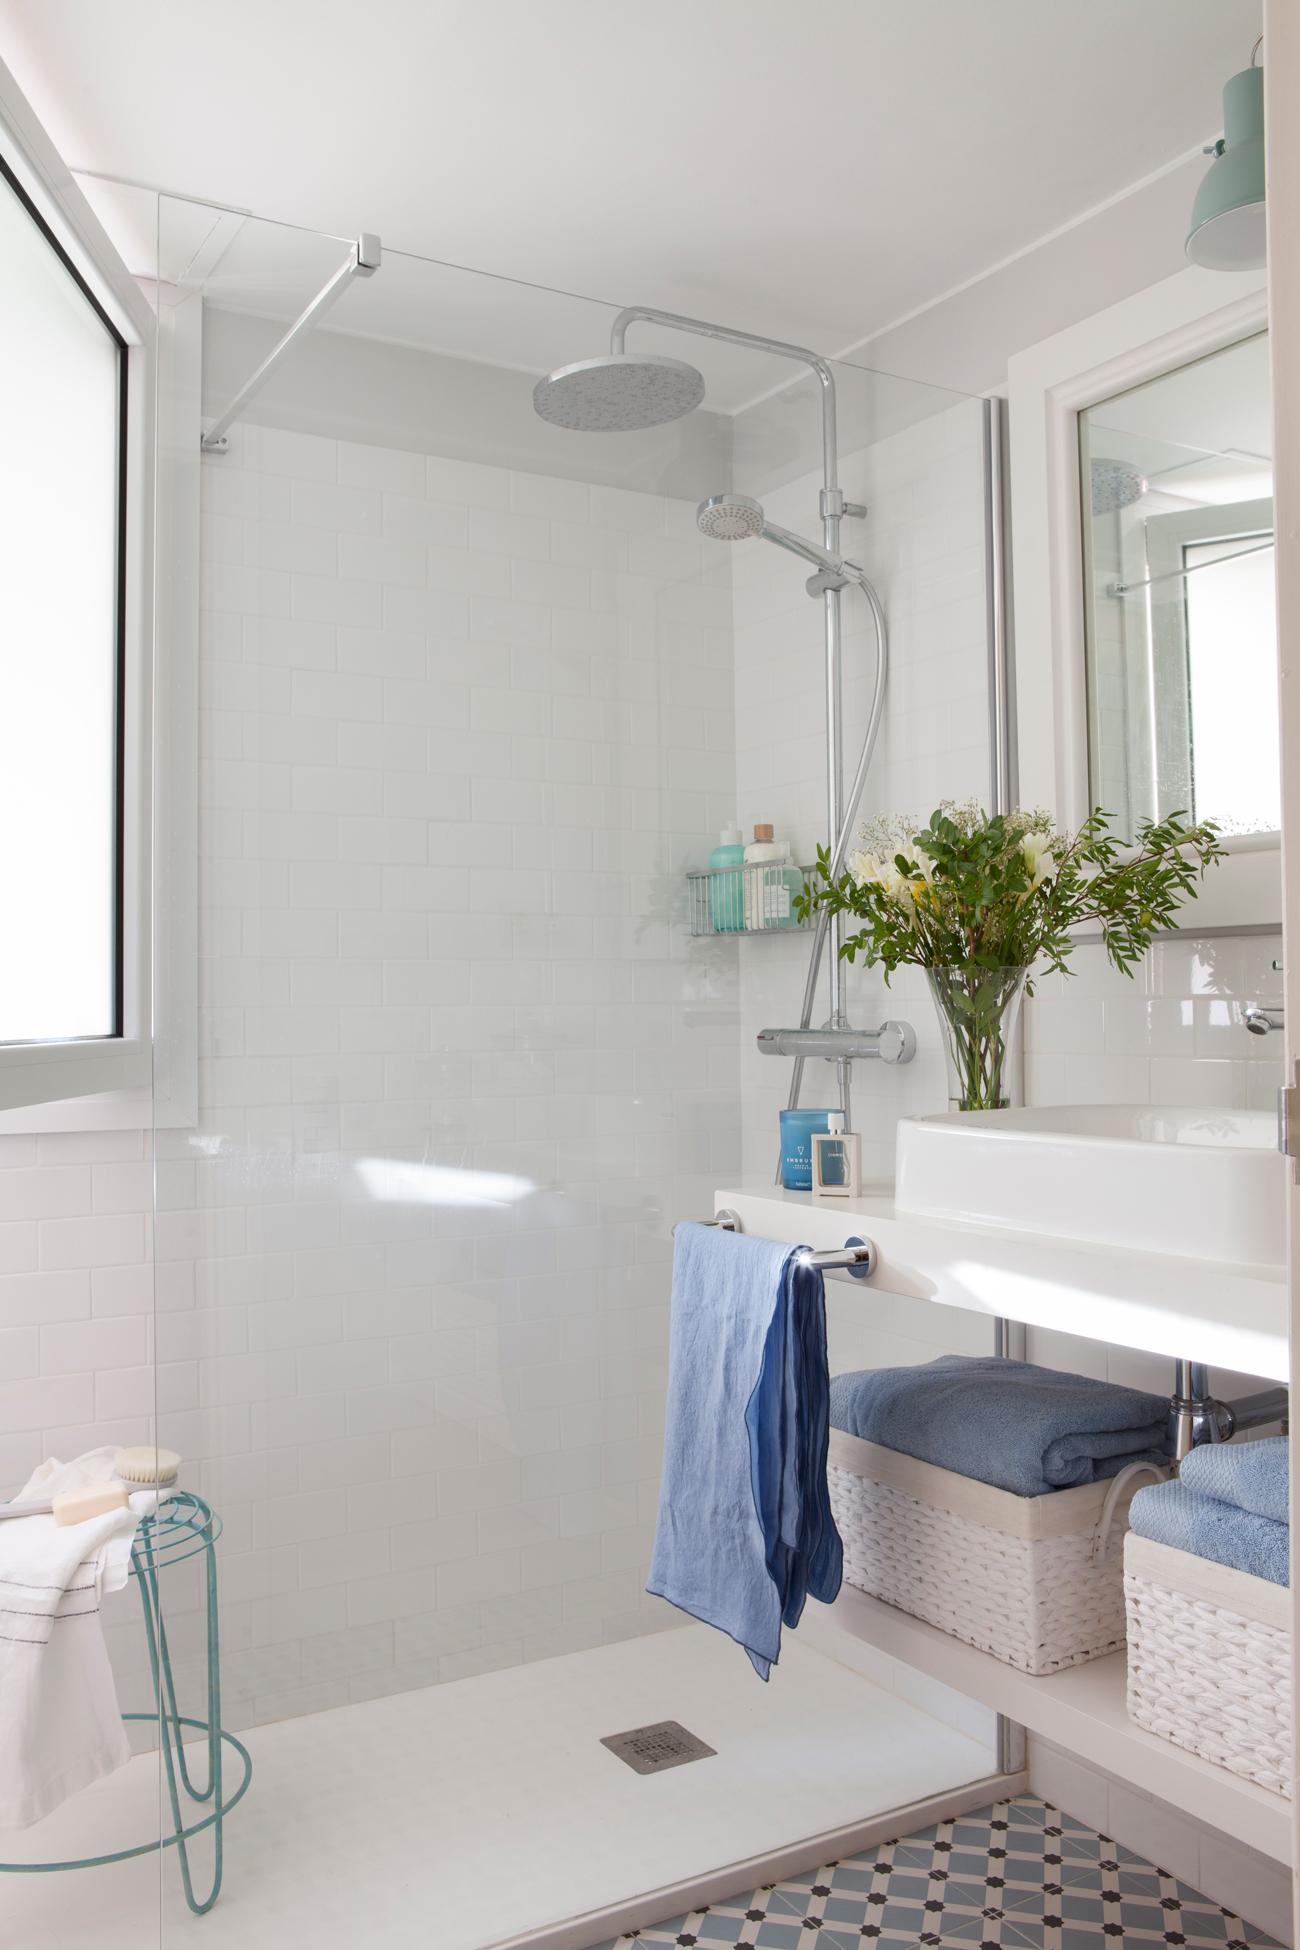 134 fotos de duchas - Plato ducha con mampara ...